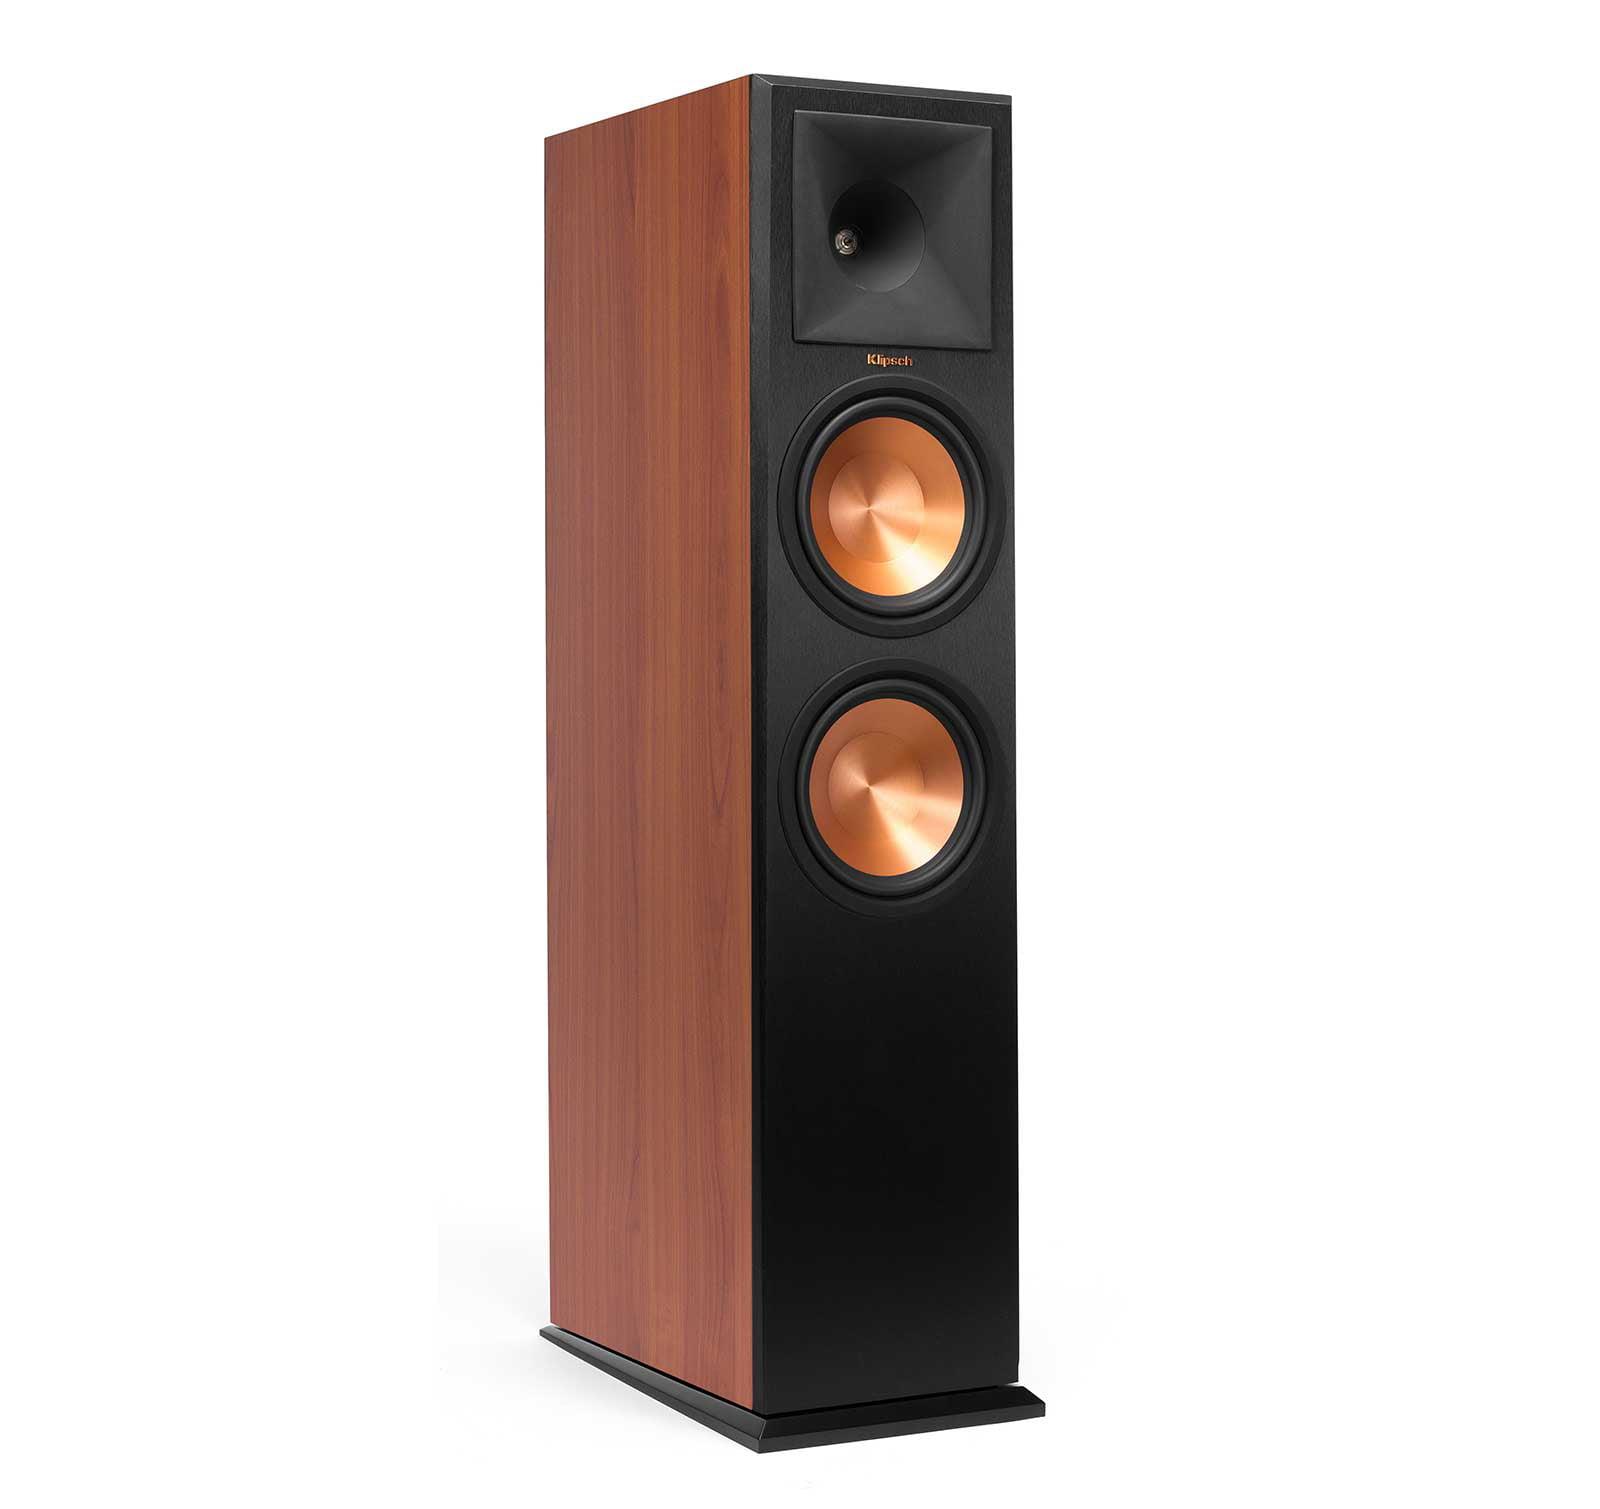 Klipsch RP280FA Cherry Vinyl Atmos Tower Speaker by Klipsch